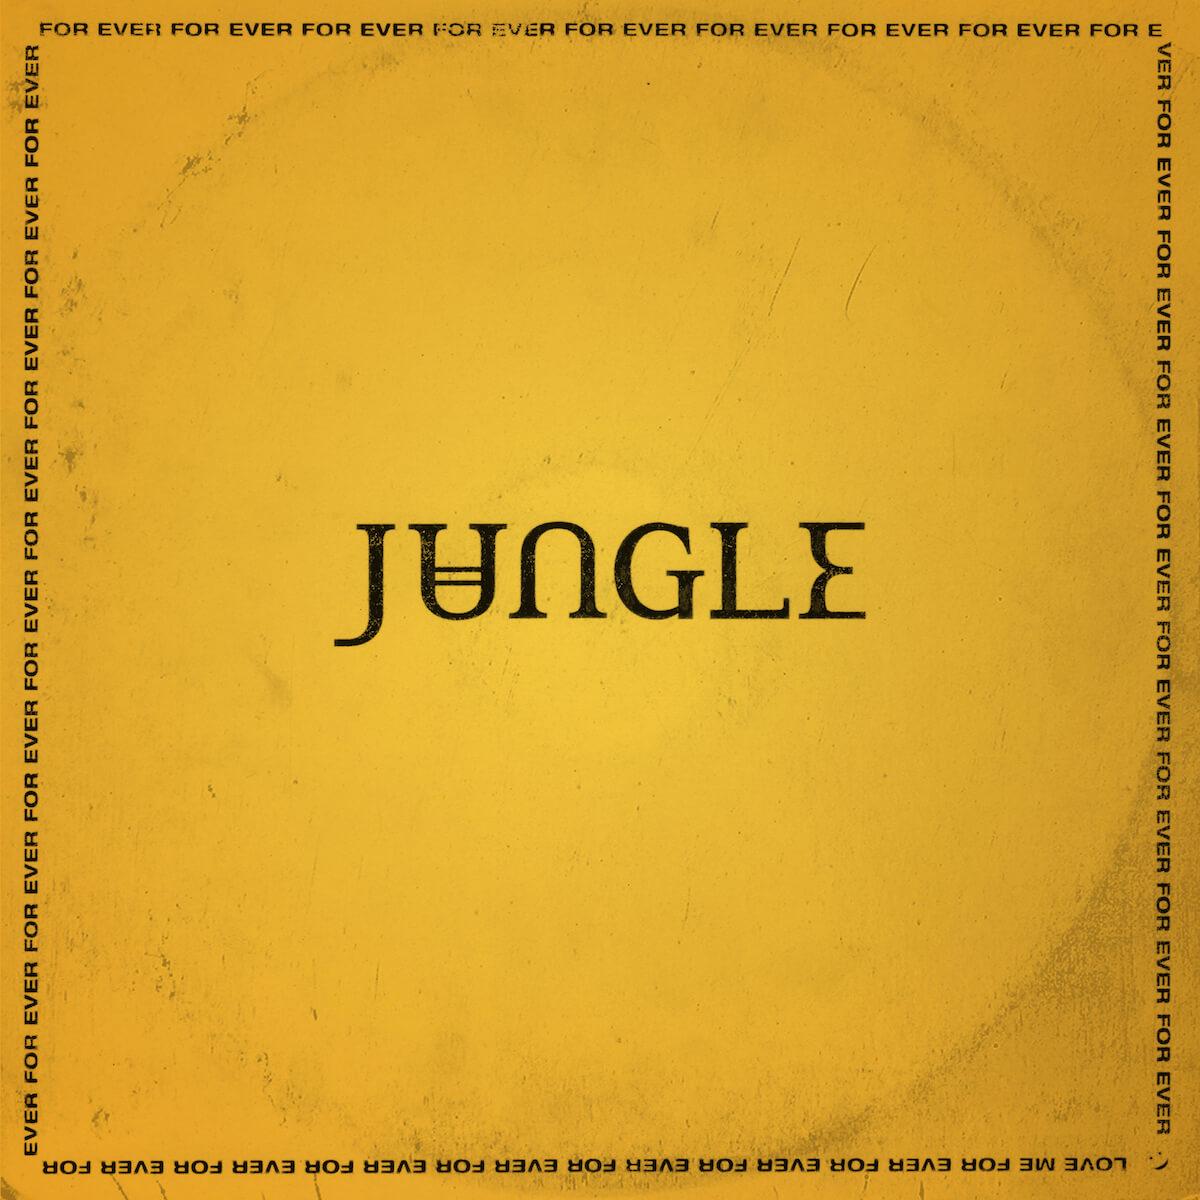 クールでセクシーなネオ・ソウルの誘惑。踊り酔いしれ乱れる夜!JUNGLE、単独公演のライブ・レポートが公開 music190226-jungle-report